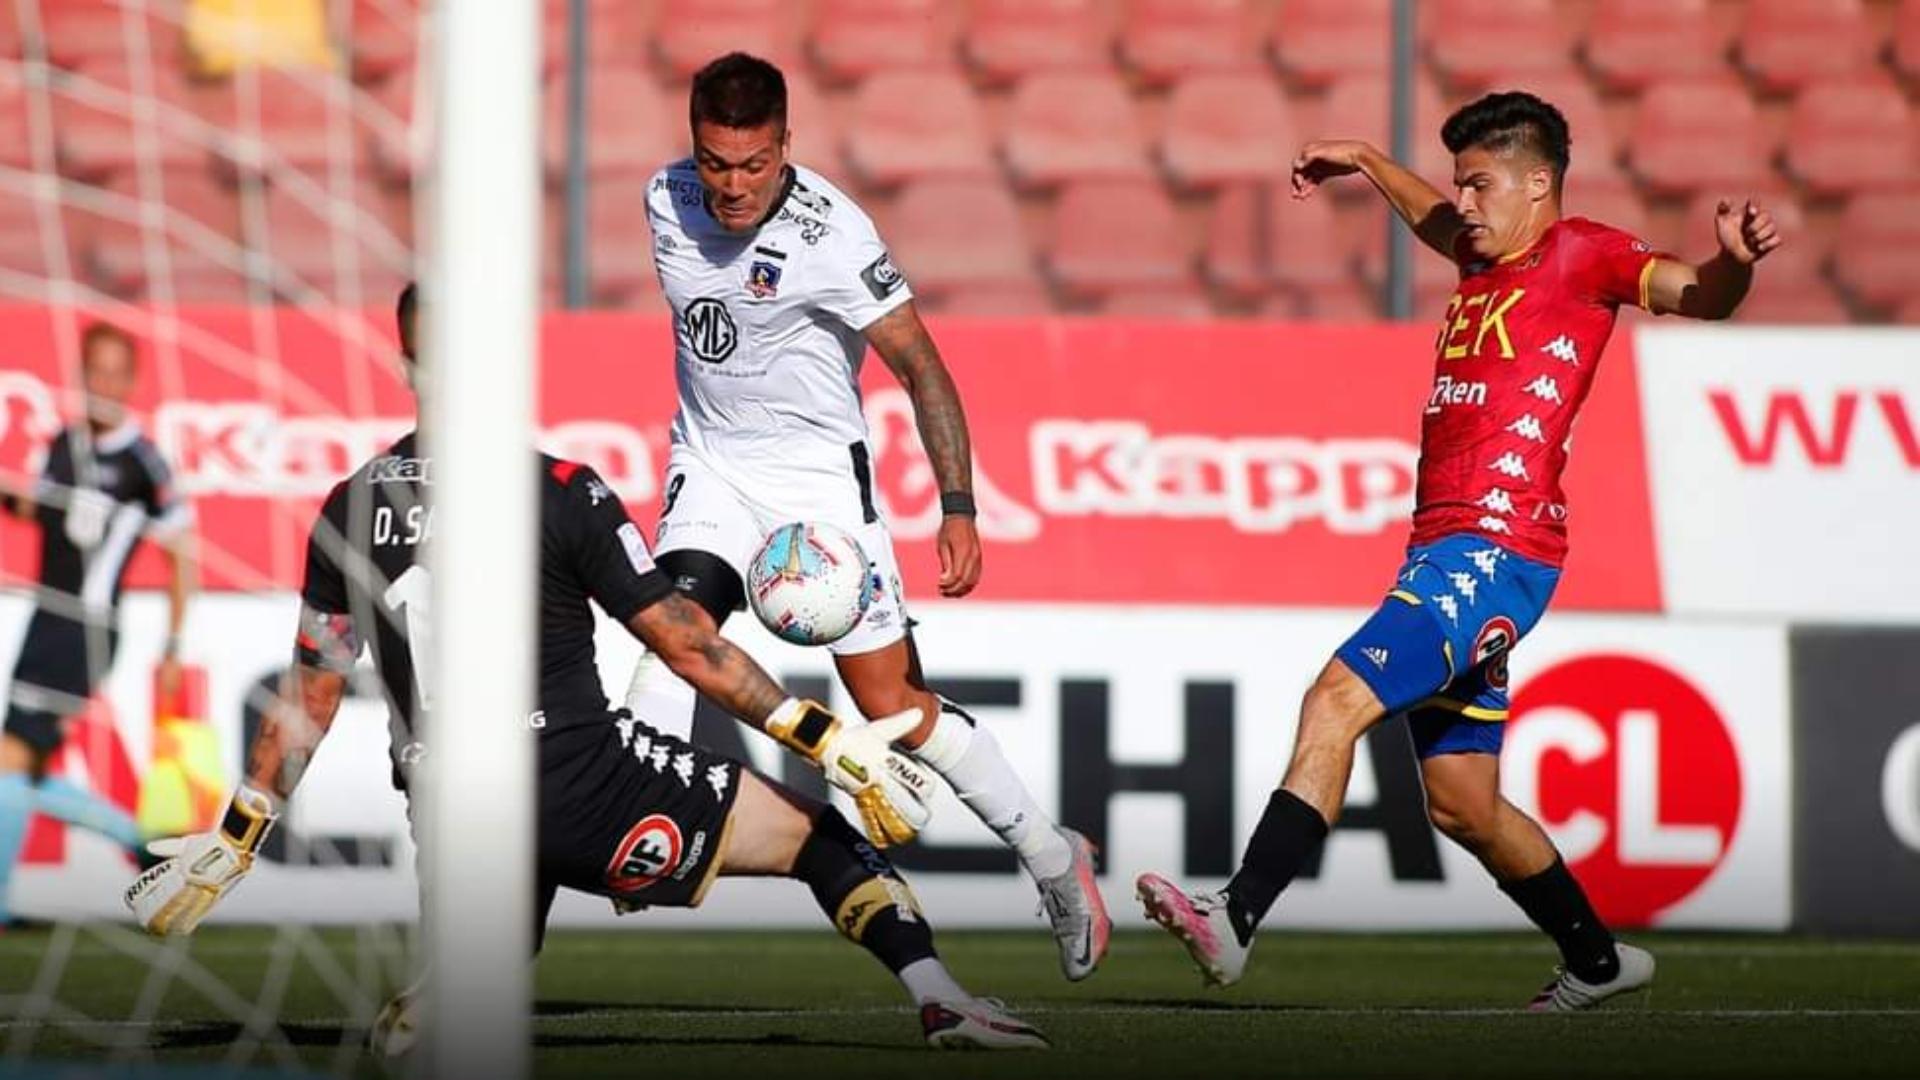 Unión Española vs. Colo Colo en vivo: partido online, resultado, goles,  videos y formaciones   Goal.com